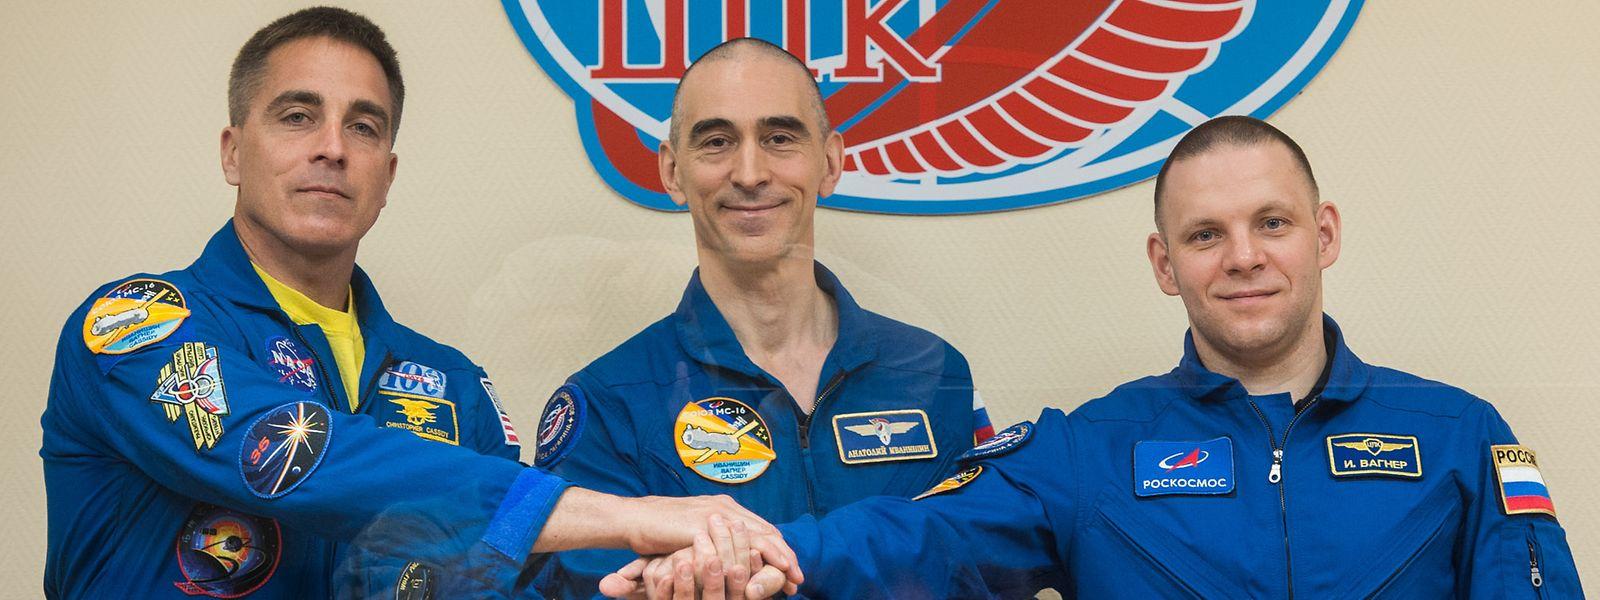 Nasa-Astronaut Chris Cassidy (l.) mit seinen beiden russischen Kameraden Anatoly Iwanischin and Iwan Wagner.